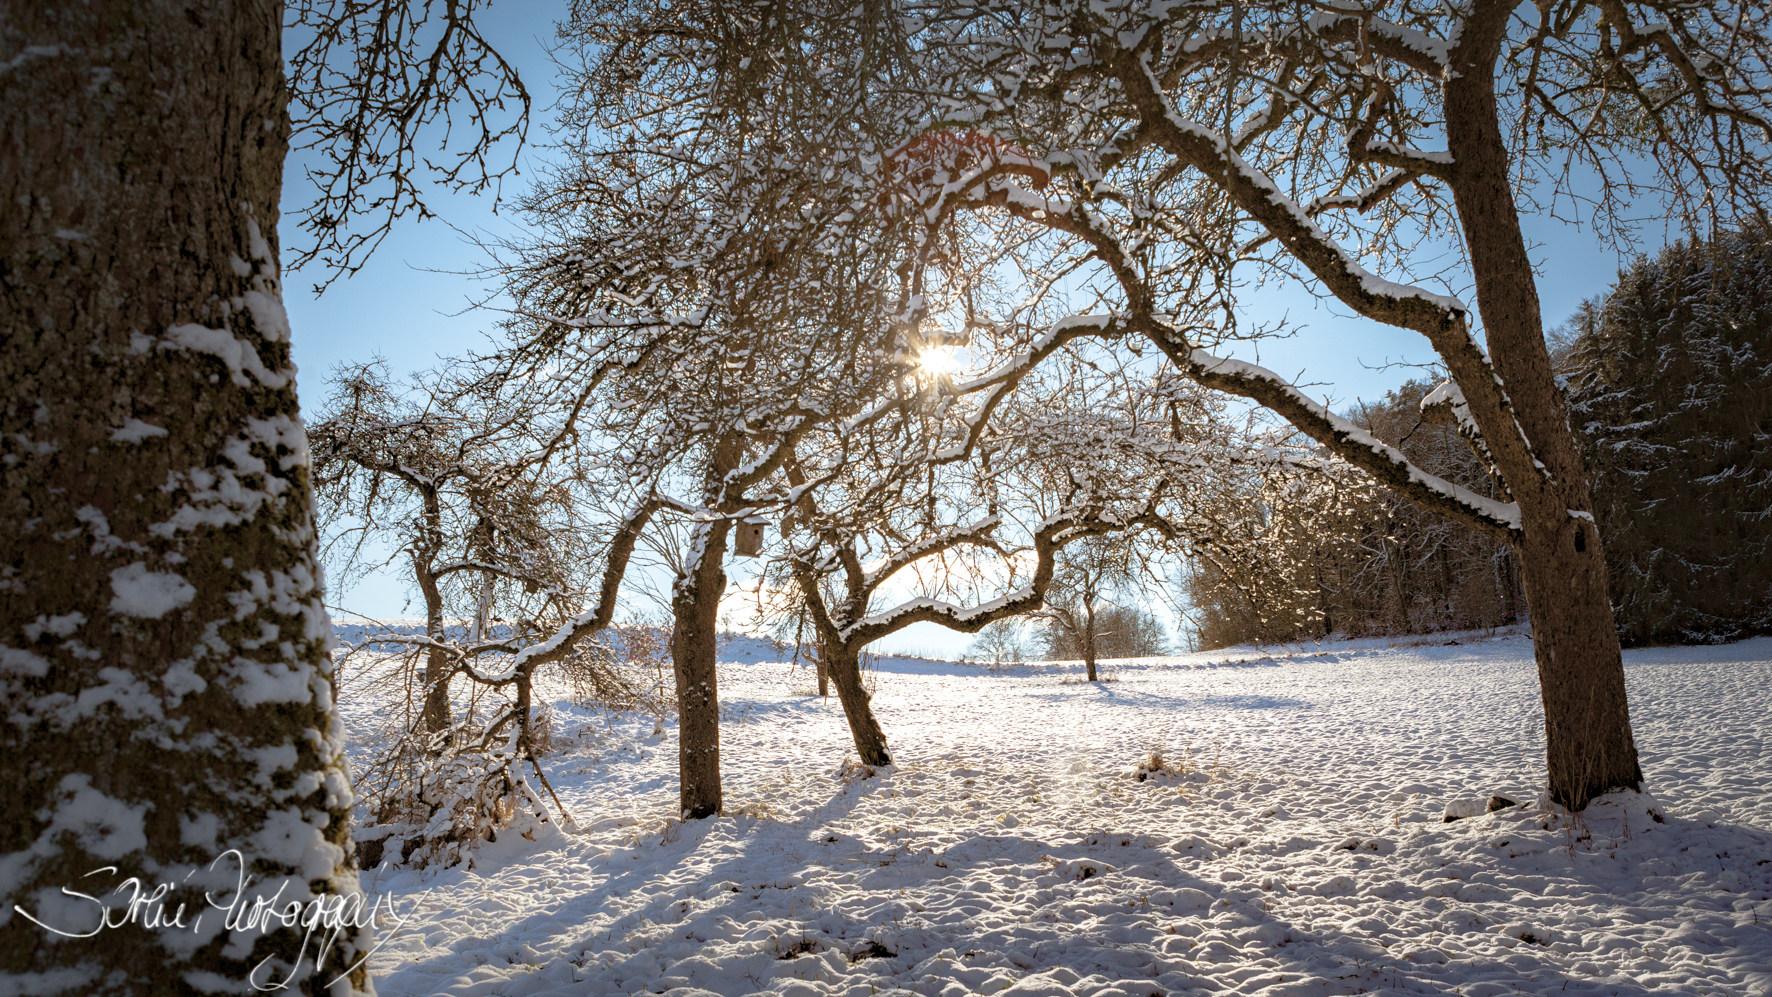 IMG_5037 b Winterkünstler_.JPG